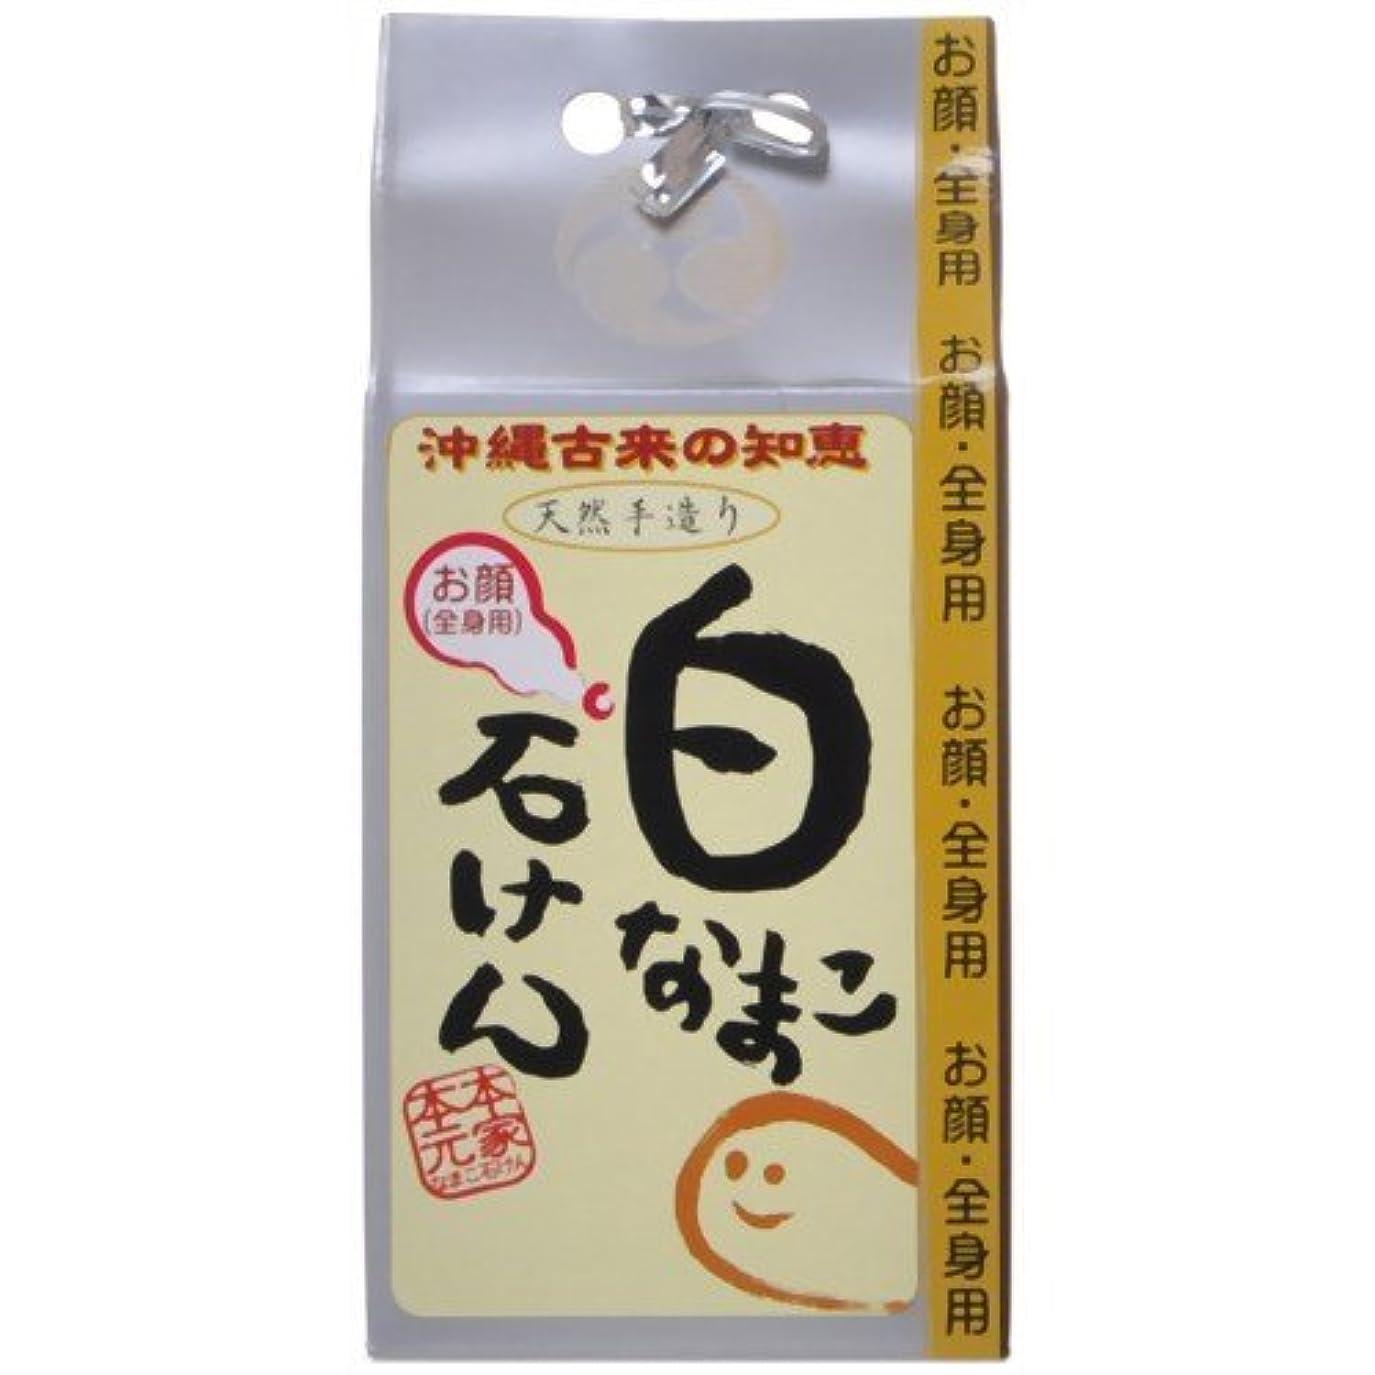 対称効果的に仮装白なまこ石けん なまこ石鹸 (単体) 90g  (お顔?全身用)